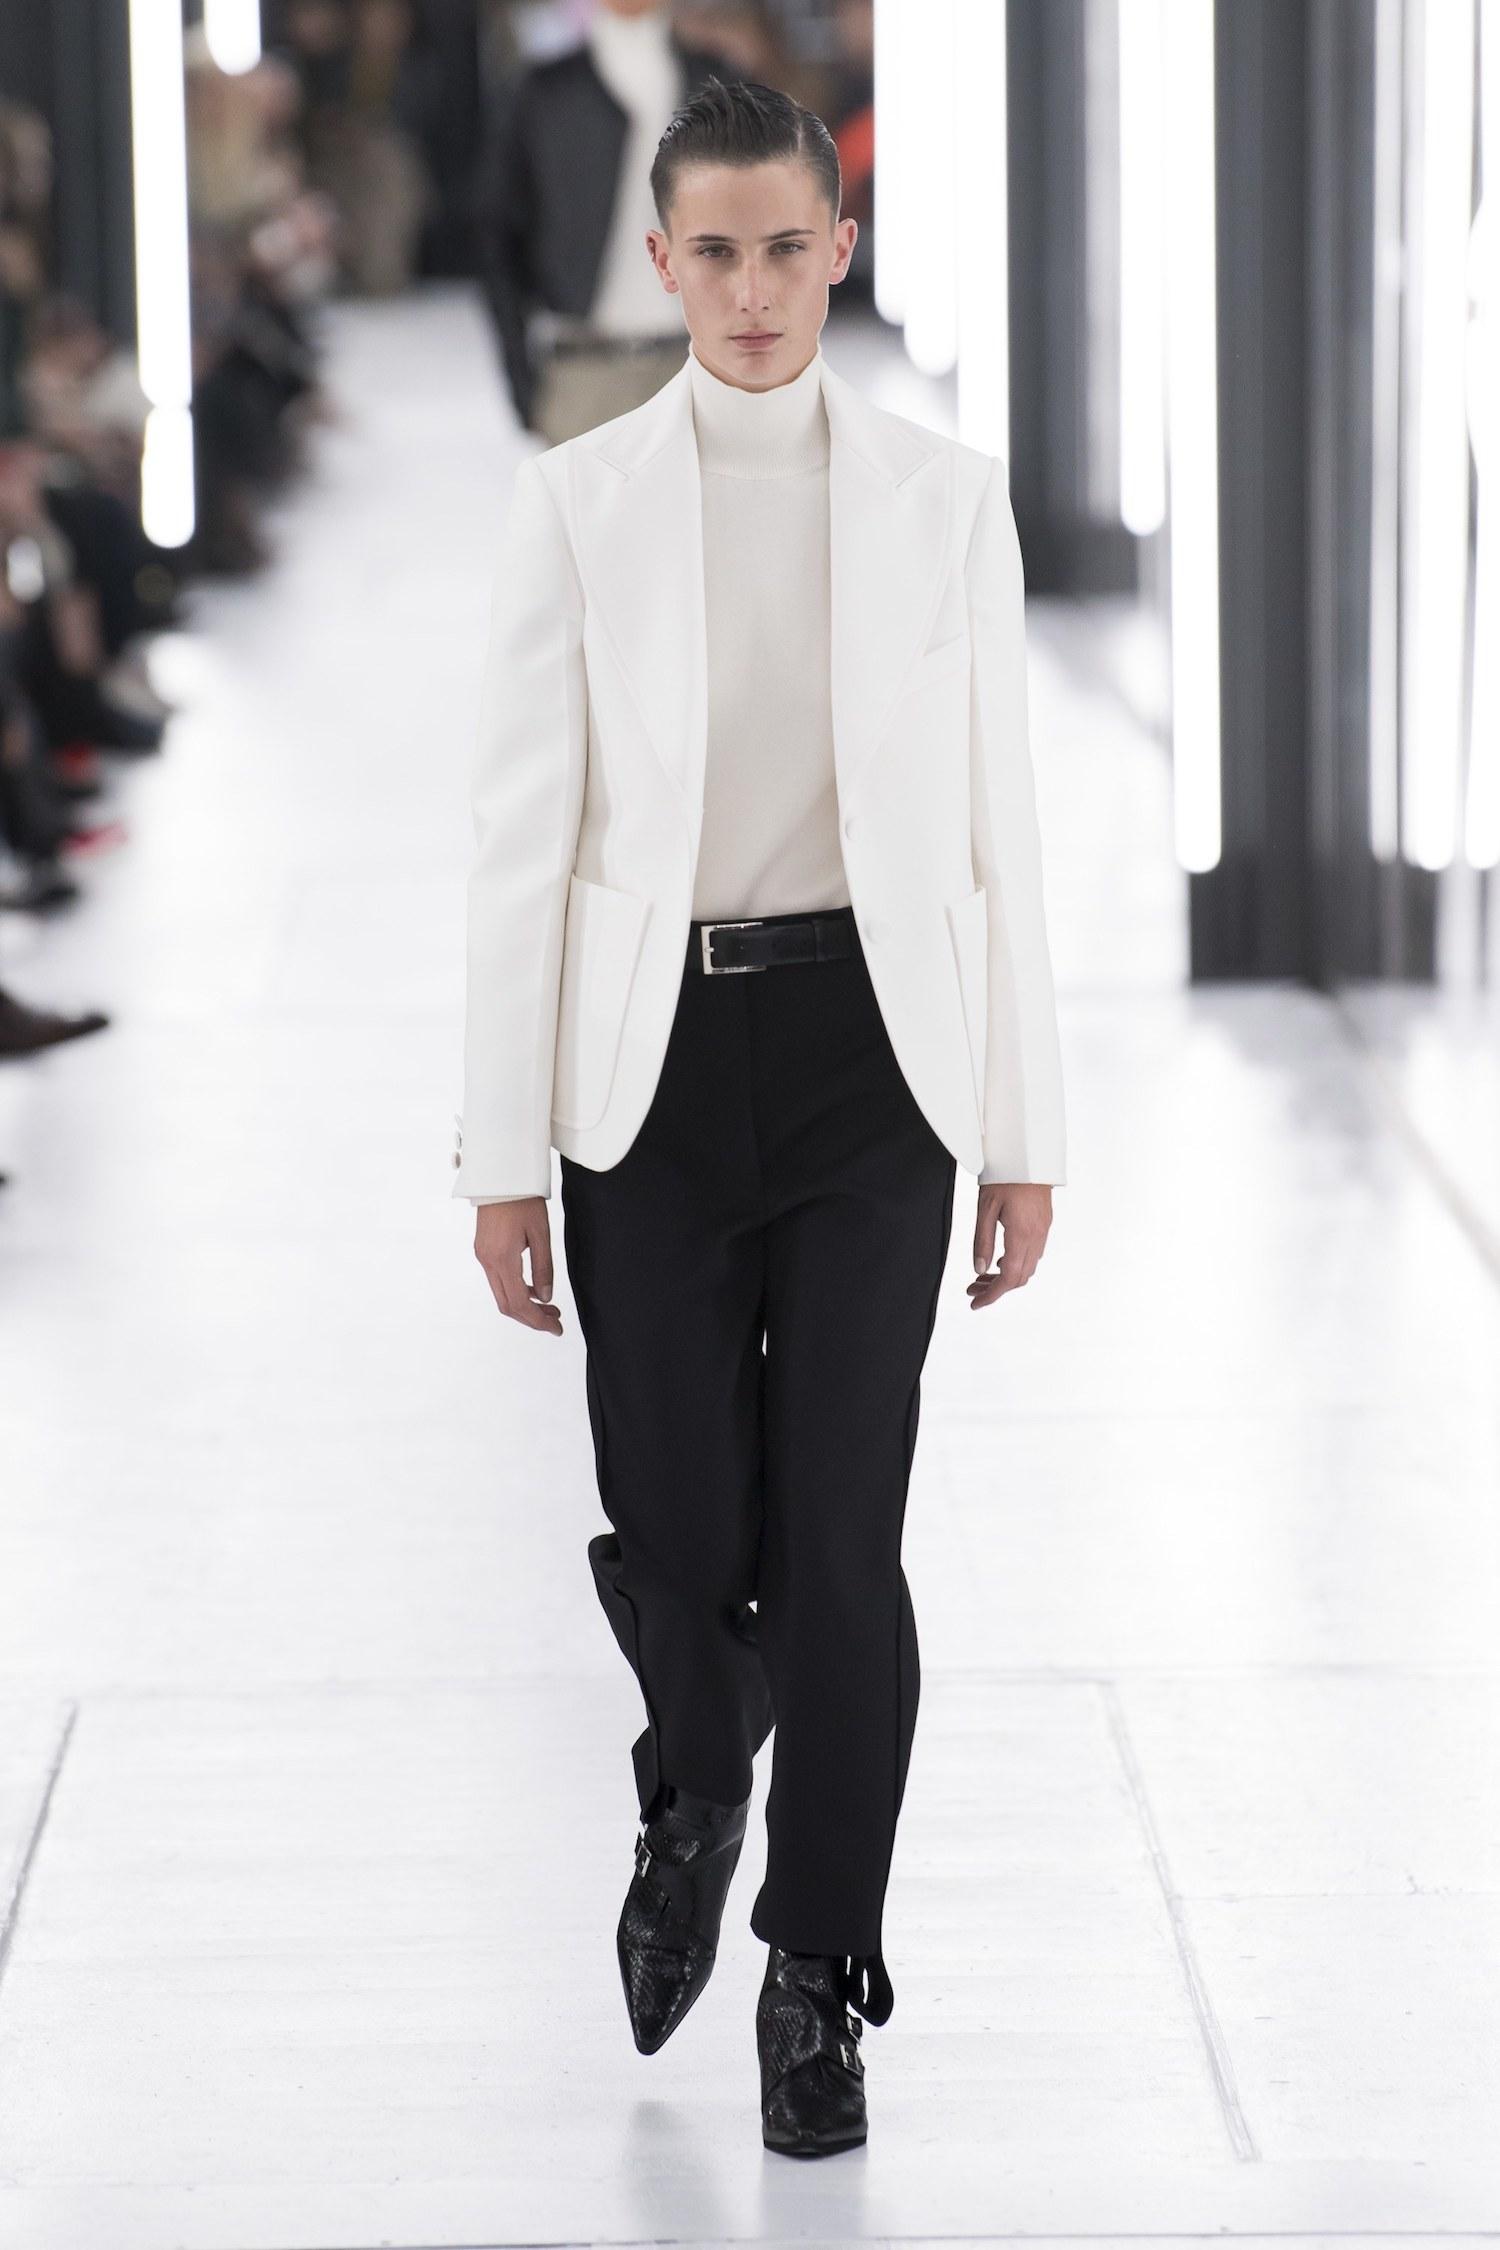 PFW: Louis Vuitton Spring/Summer 2019 Collection